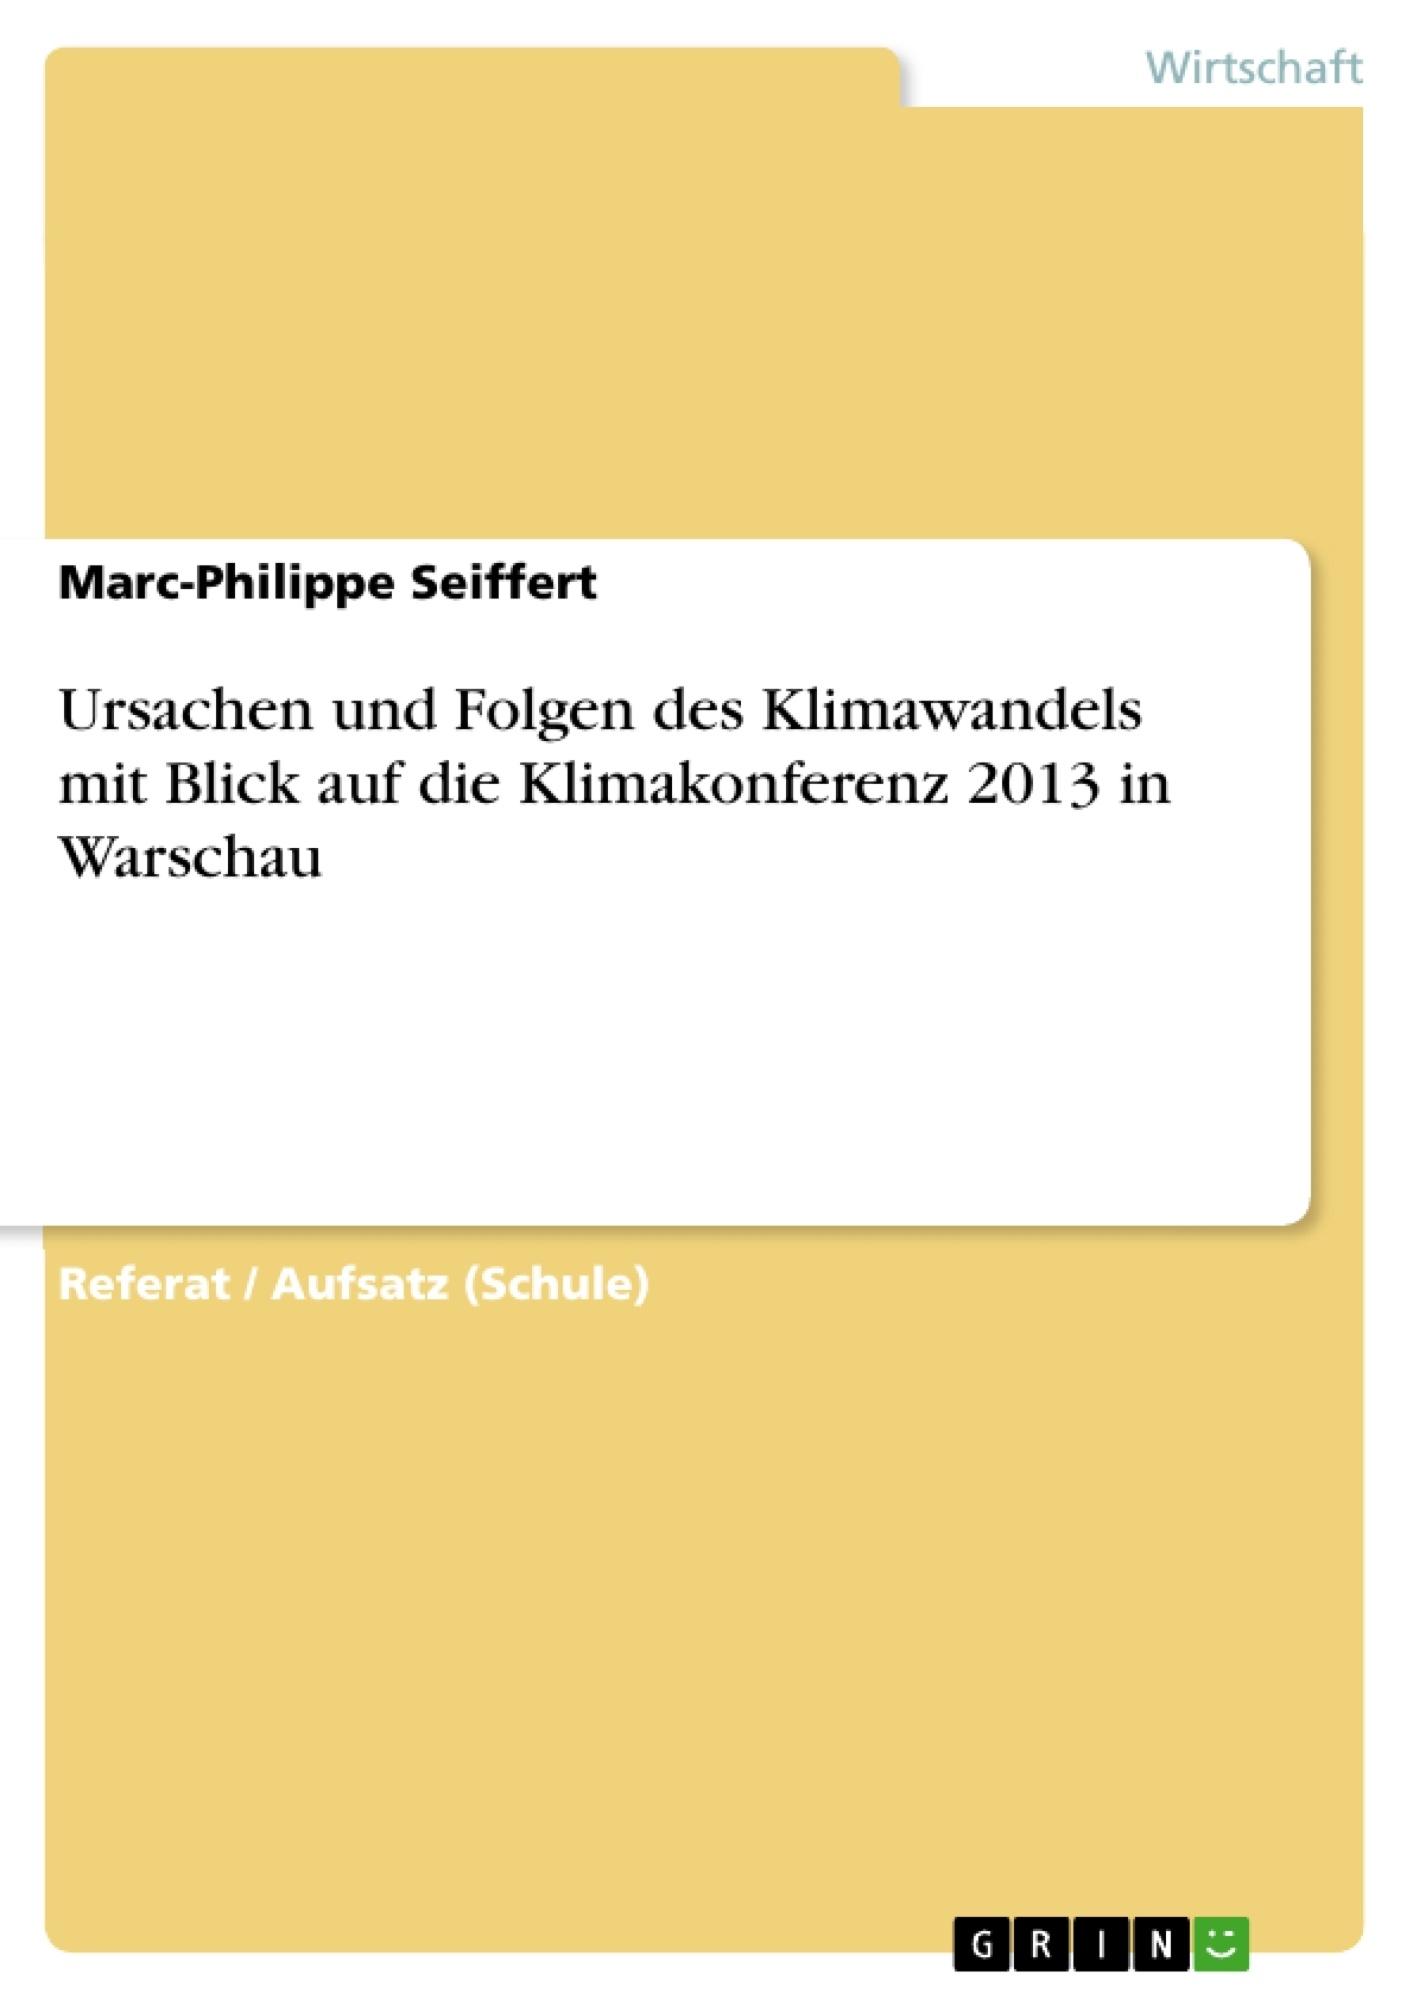 Titel: Ursachen und Folgen des Klimawandels mit Blick auf die Klimakonferenz 2013 in Warschau